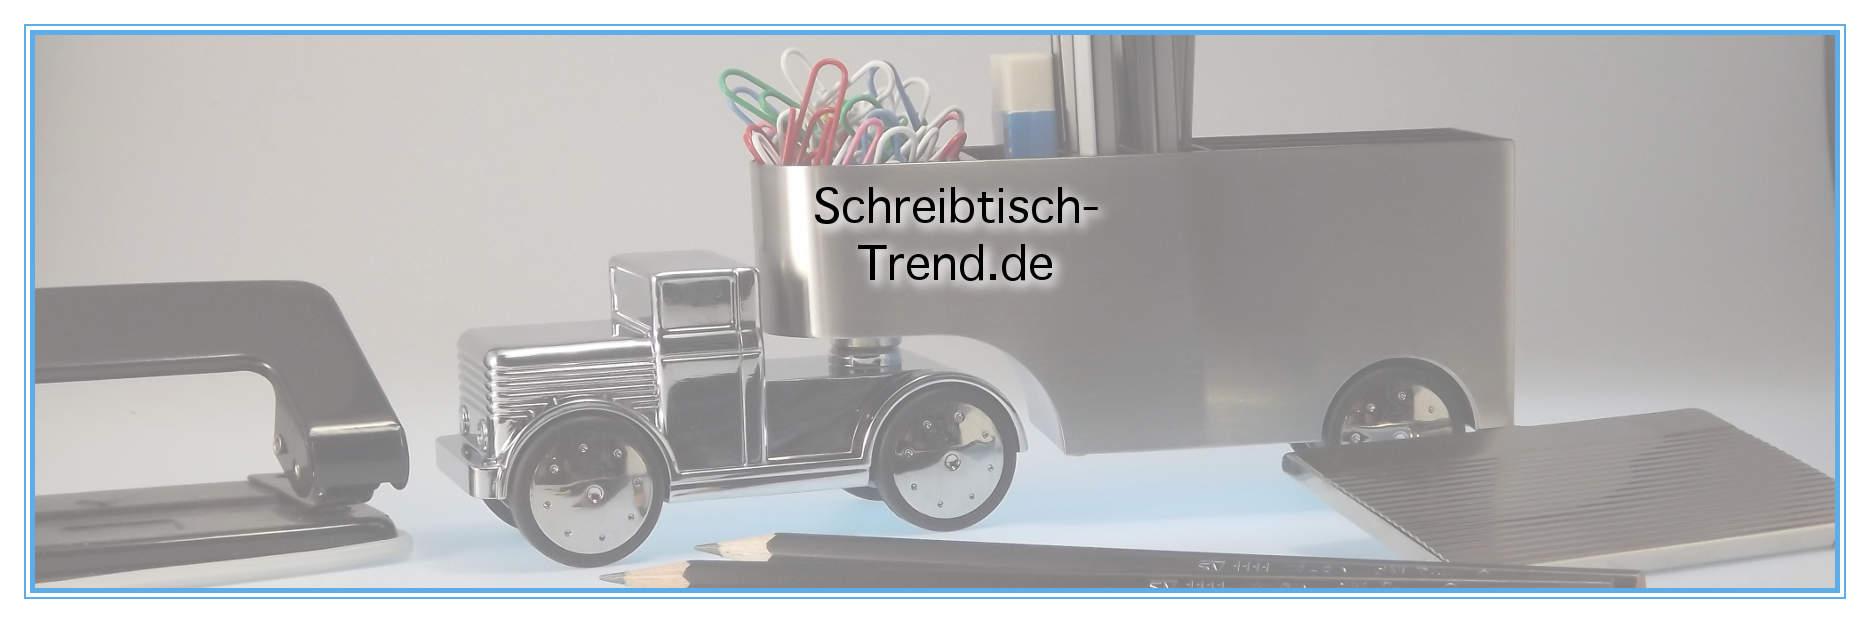 Schreibtisch Trend - Arbeiten und Organisieren